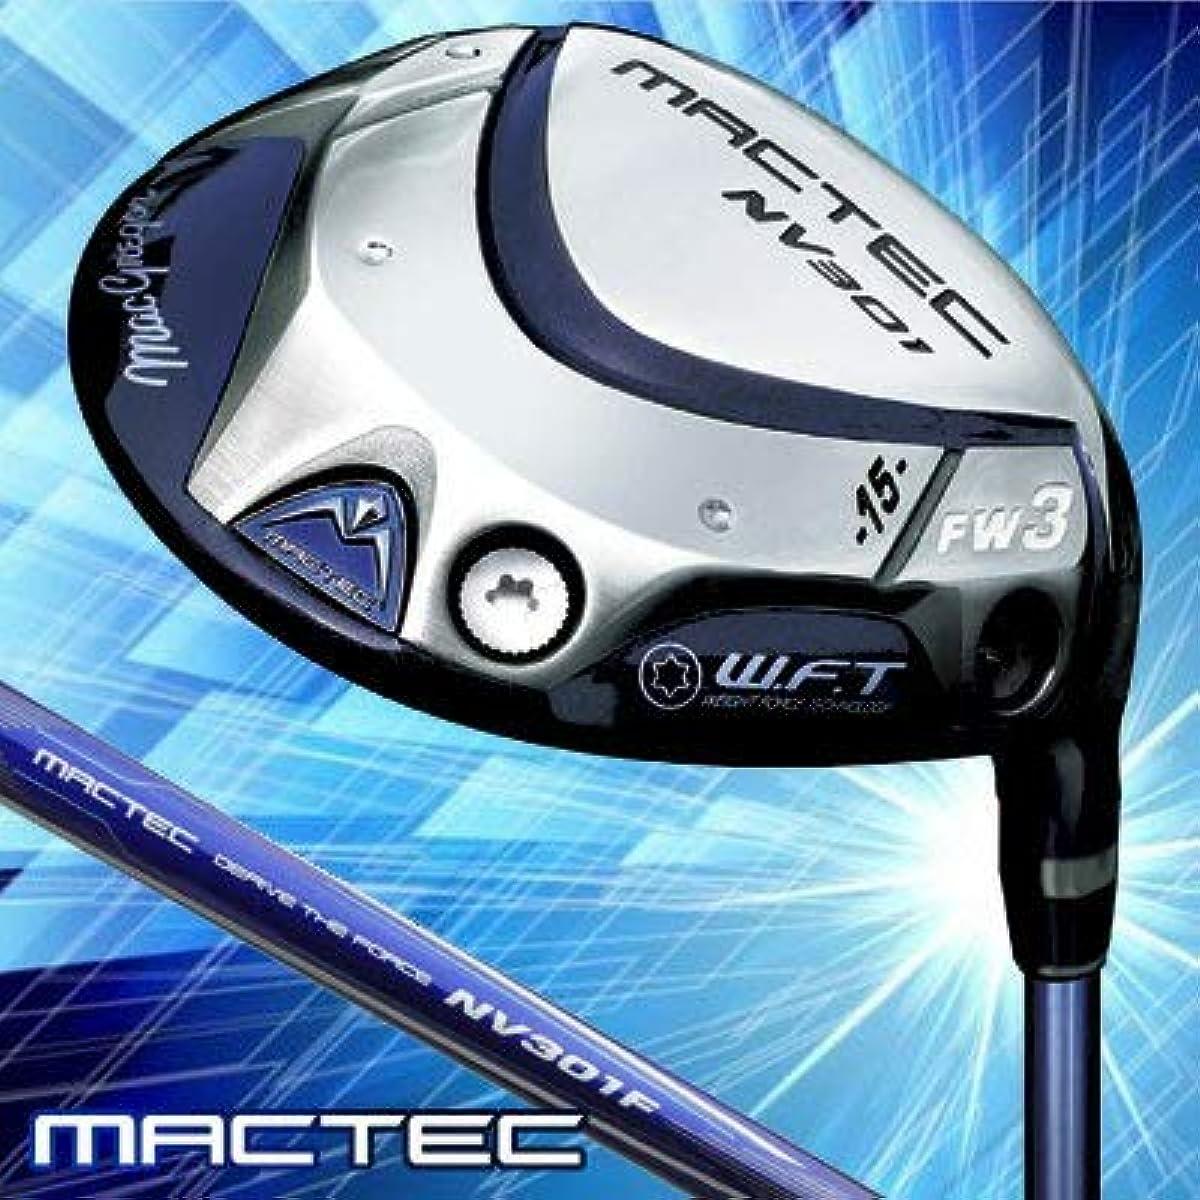 [해외] MACTEC(맥텍) 마쿠레가 NV301 페어 웨이 우드 MACTEC NV301F 카본 샤프트 맨즈 골프 클럽 오른손잡이용